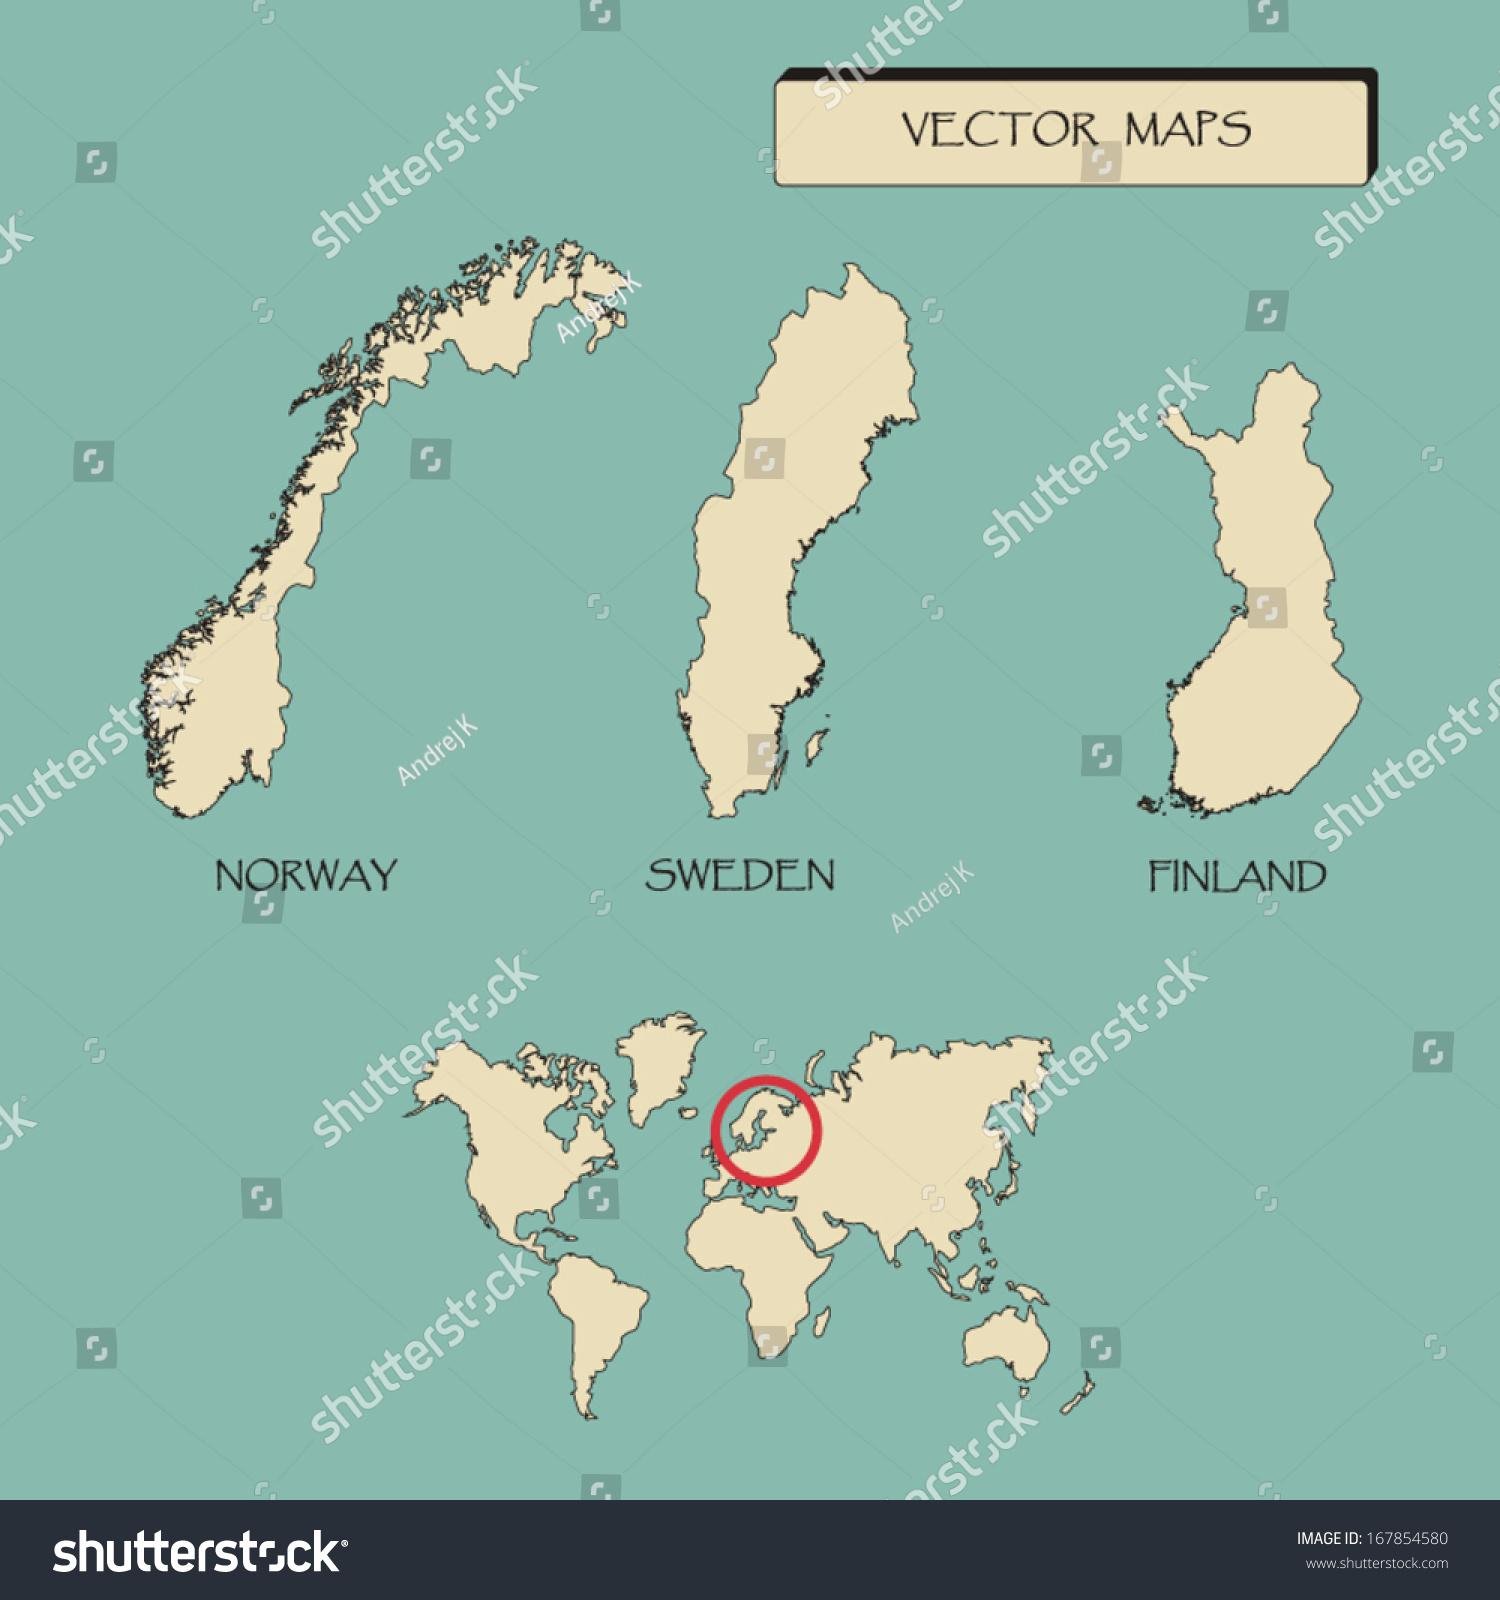 Map scandinavia countries sweden norway finland stock vector map of scandinavia countries sweden norway finland vector illustration gumiabroncs Gallery